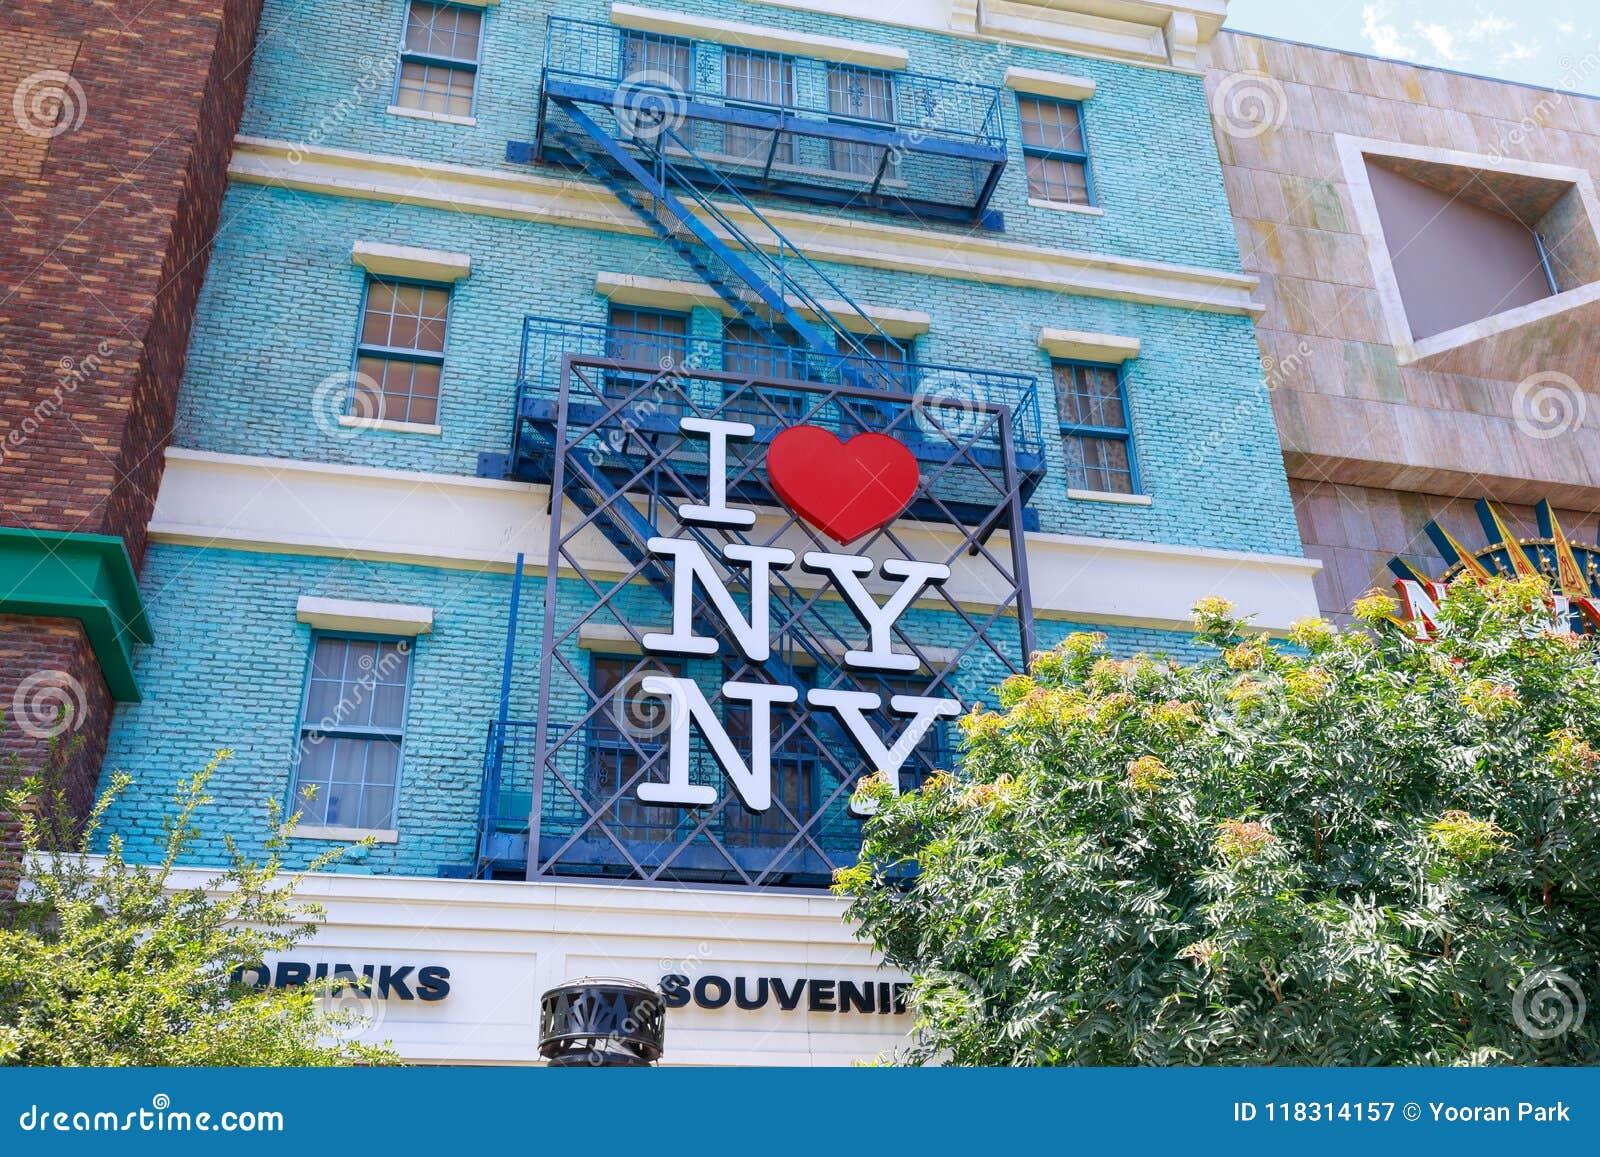 I tecken för hjärta NY, nytt York-nytt York hotell och kasino, Las Vegas remsa i paradis, Nevada, Förenta staterna